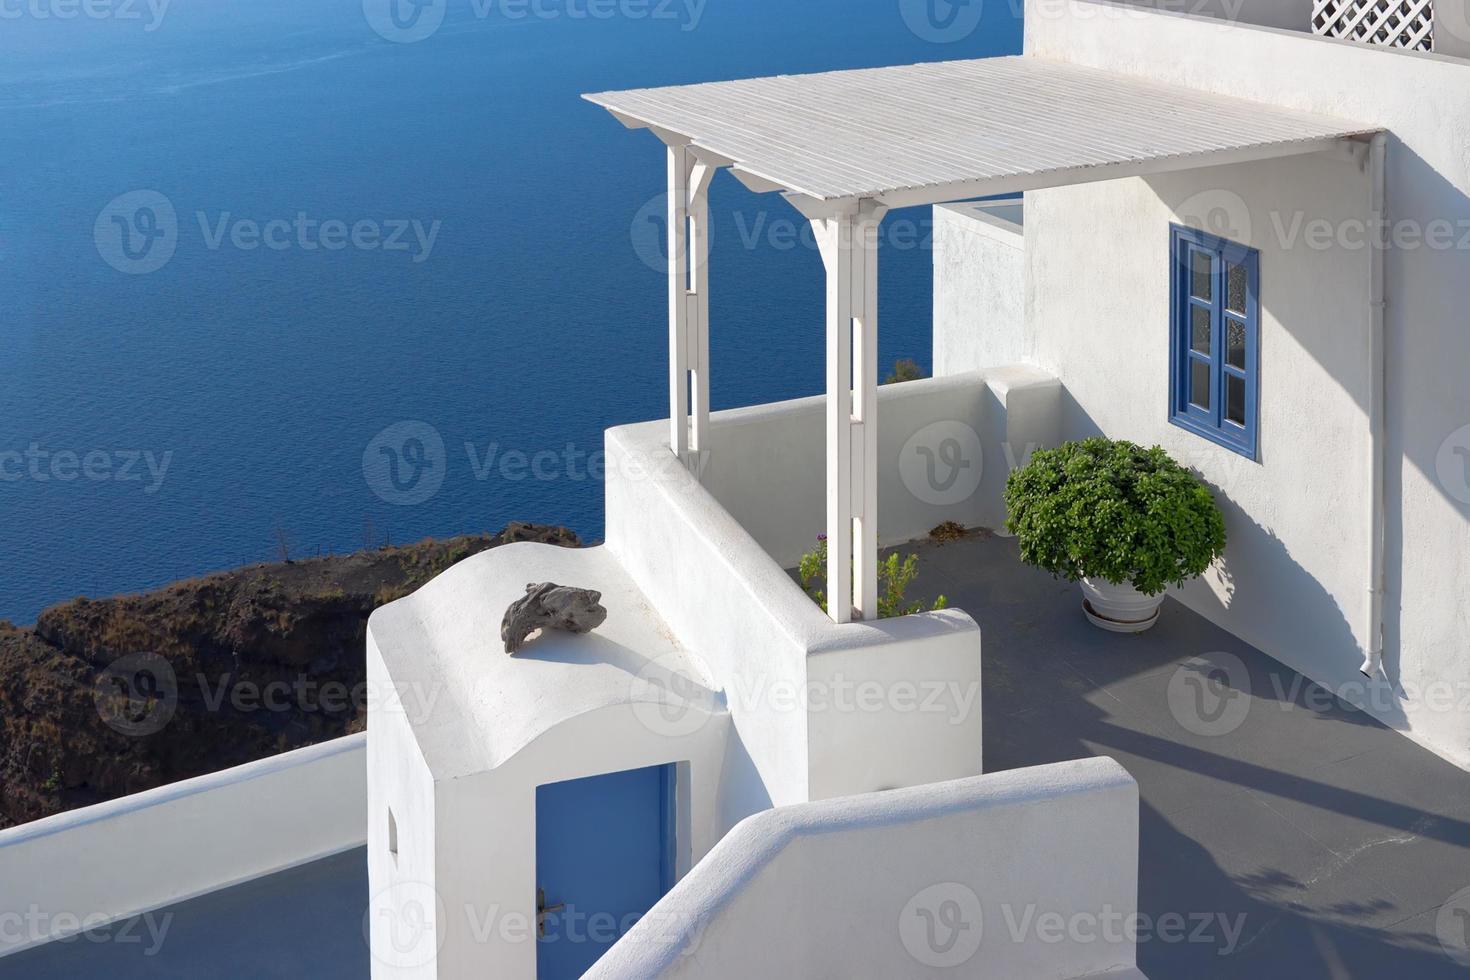 pátio em santorini, grécia foto